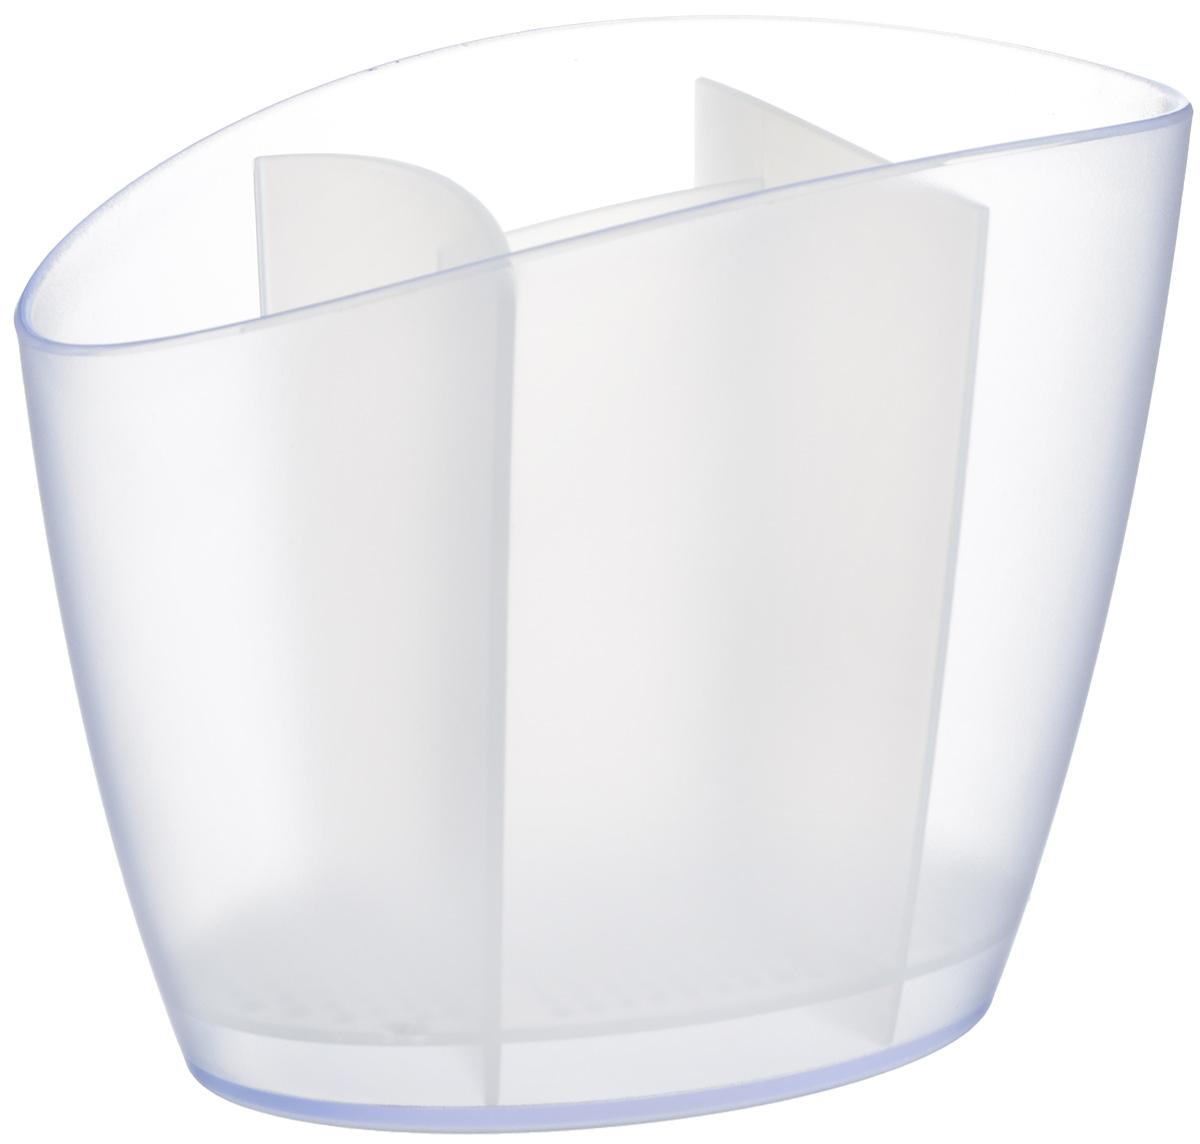 Сушилка для столовых приборов Tescoma Clean Kit, цвет: белый, 19,5 х 11 х 15,5 см900640.11Сушилка Tescoma Clean Kit, выполненная из высококачественного пластика, прекрасно подходит для сушки столовых приборов. Для легкости очищения снабжена съемной подставкой для стока воды. Изделие хорошо впишется в интерьер, не займет много места, а столовые приборы будут всегда под рукой. Можно мыть в посудомоечной машине. Размер изделия: 19,5 х 11 х 15,5 см.